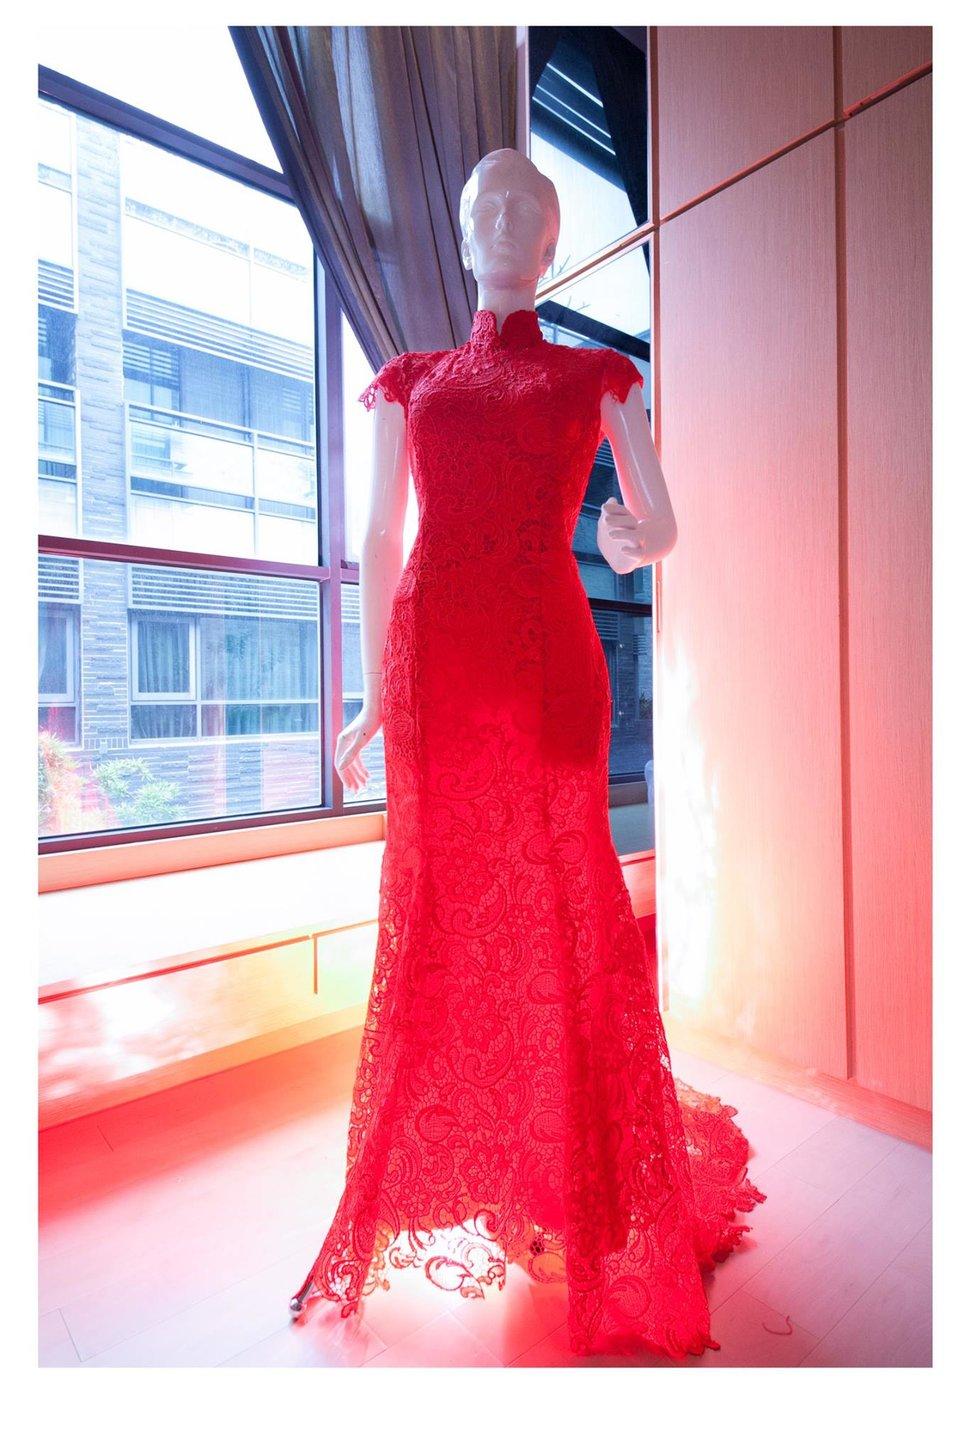 0219 - 台中2號出口婚紗攝影工作室 - 結婚吧